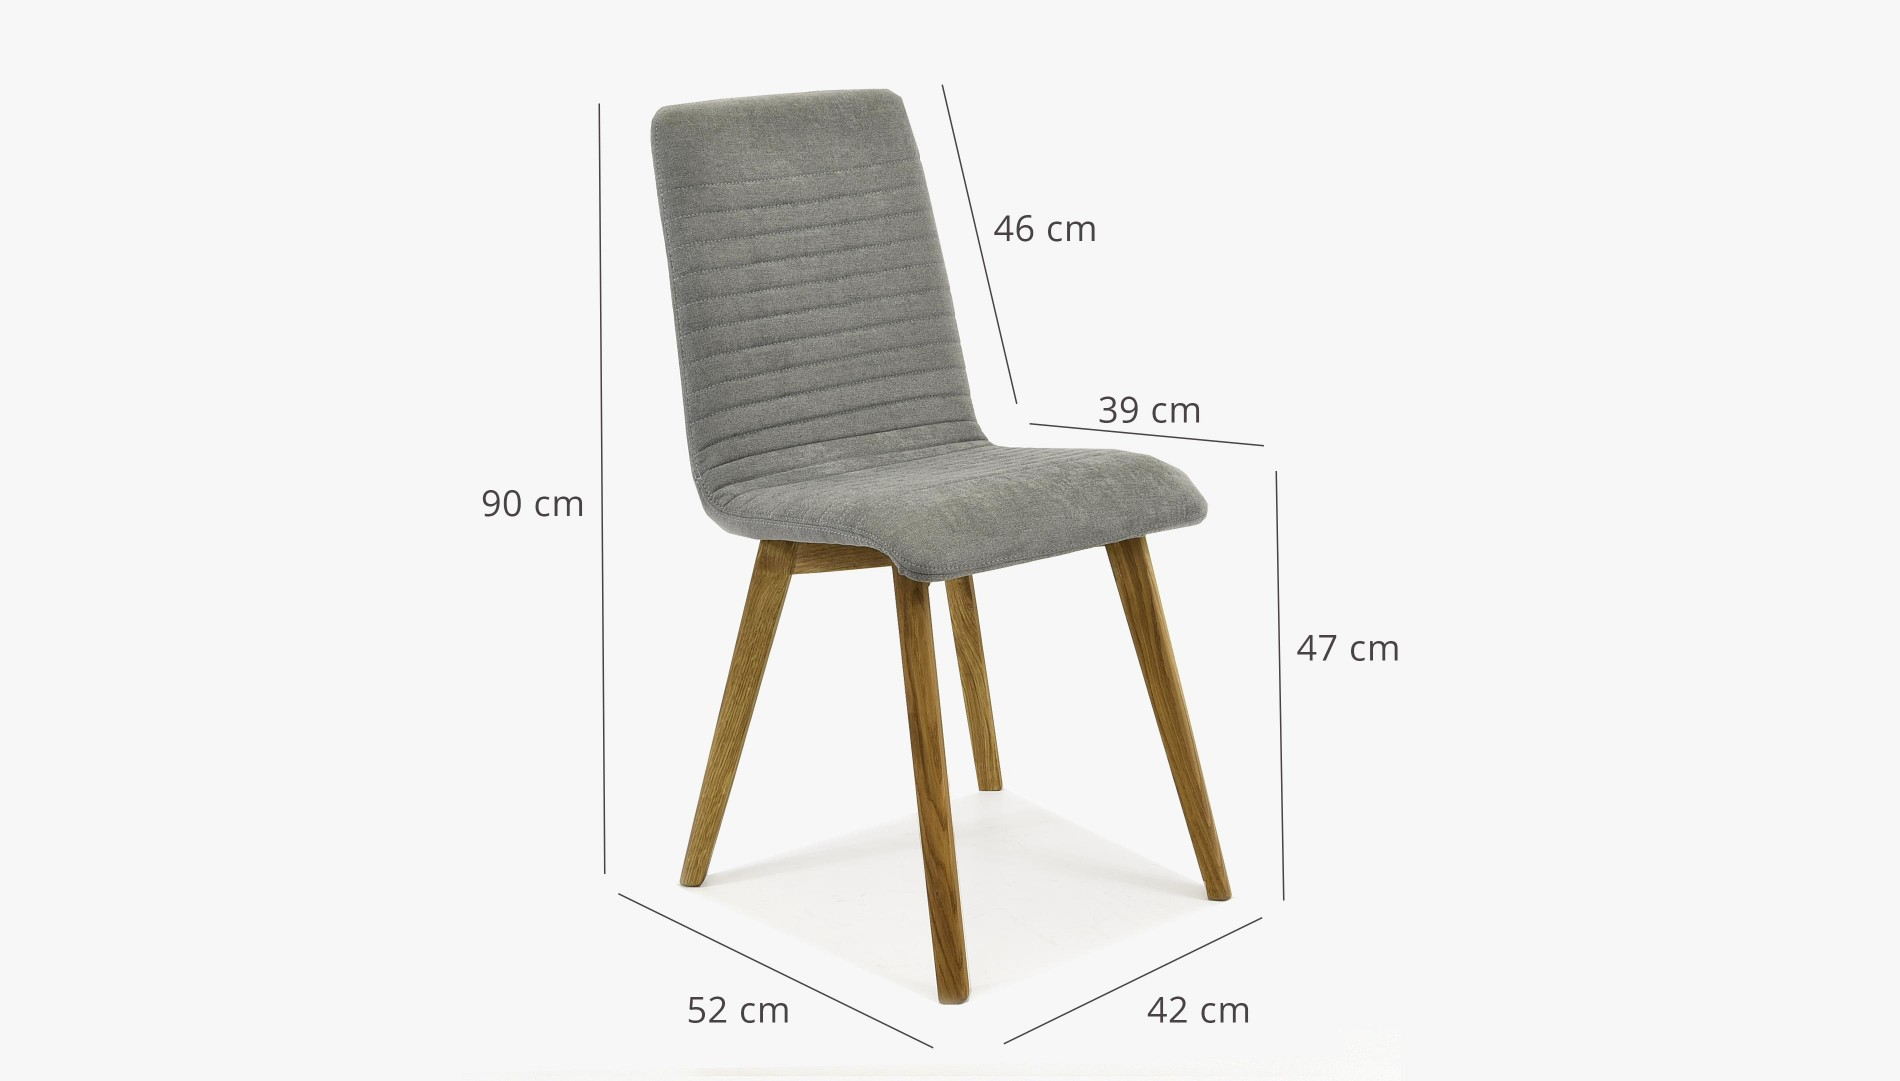 Modern ebédlőasztal és székek BJÖRK 1+6